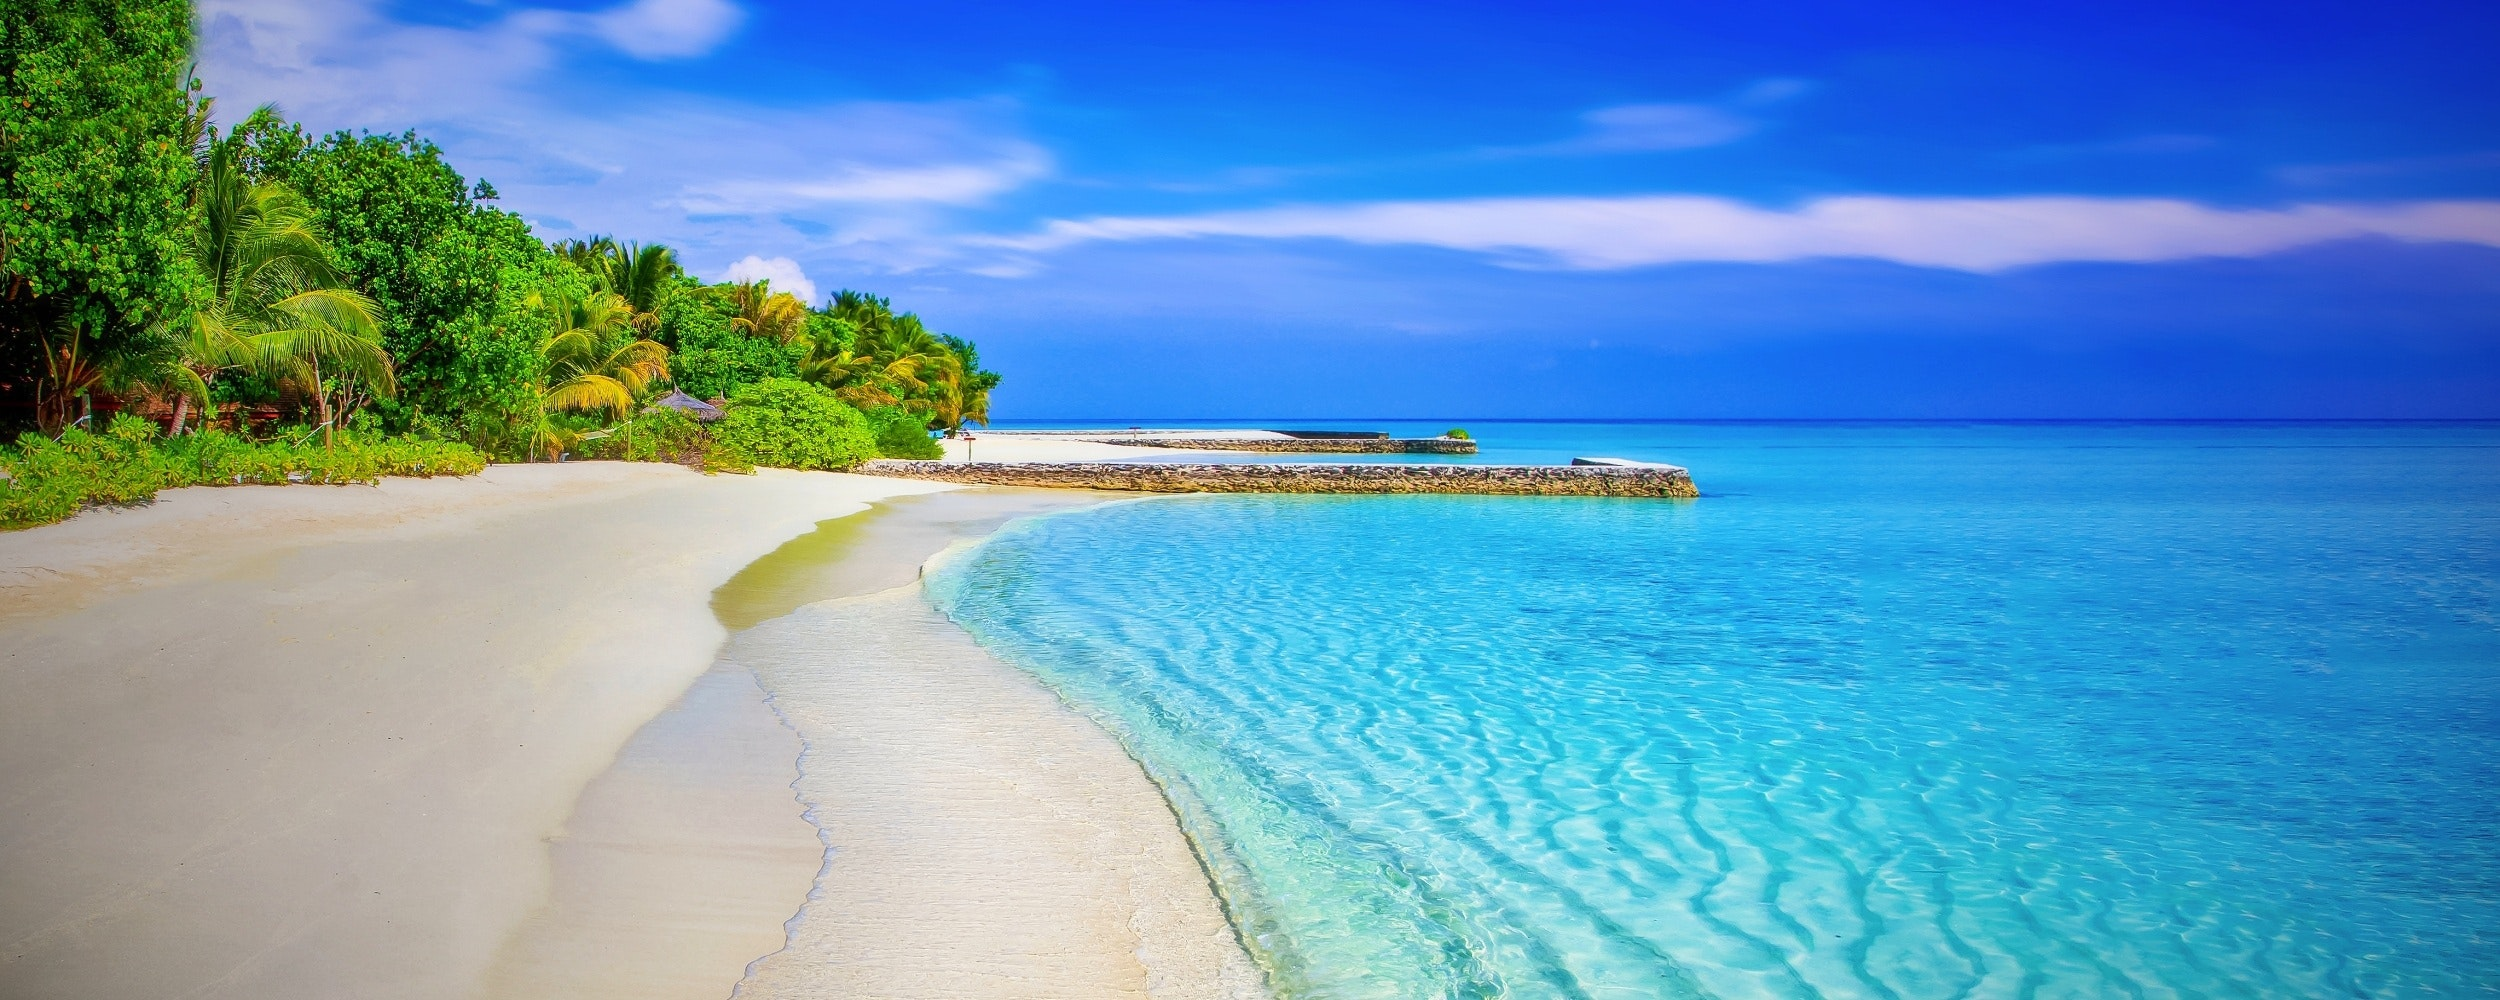 Scenic view of beach photo